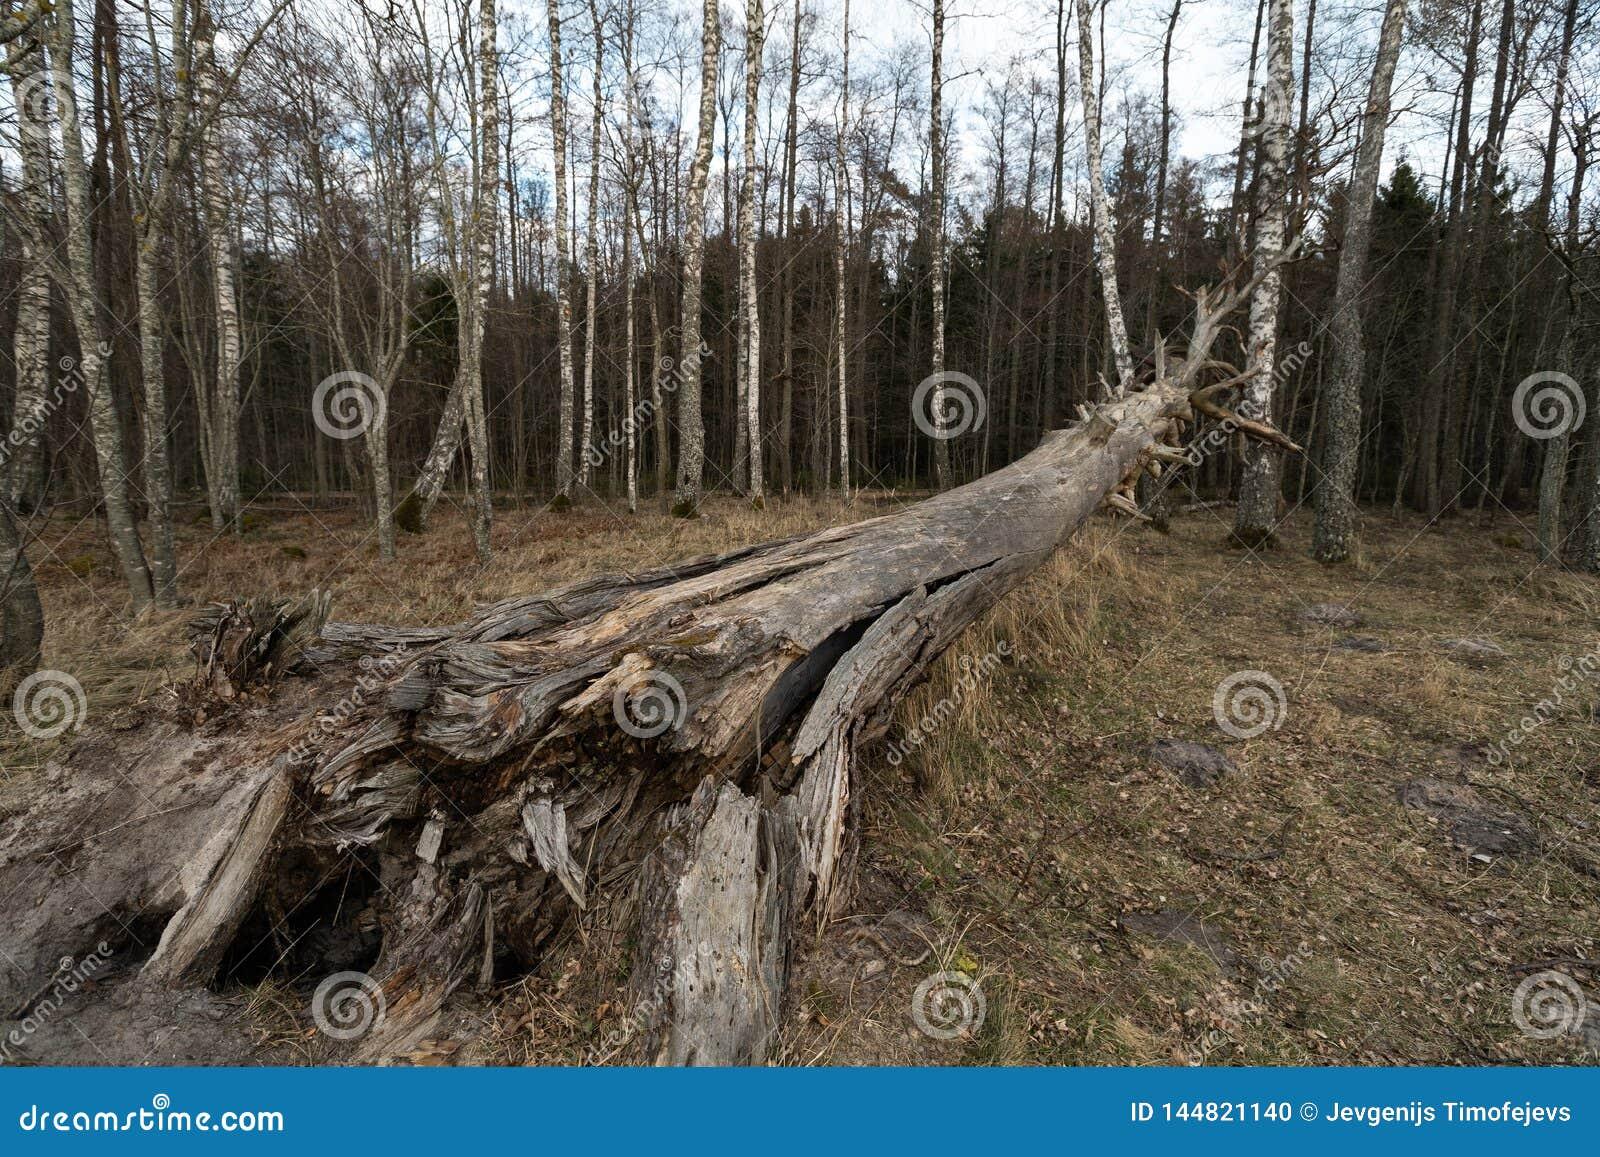 Árbol seco decaído caido viejo en el bosque con los árboles de abedul en el fondo - Veczemju Klintis, Letonia - 13 de abril de